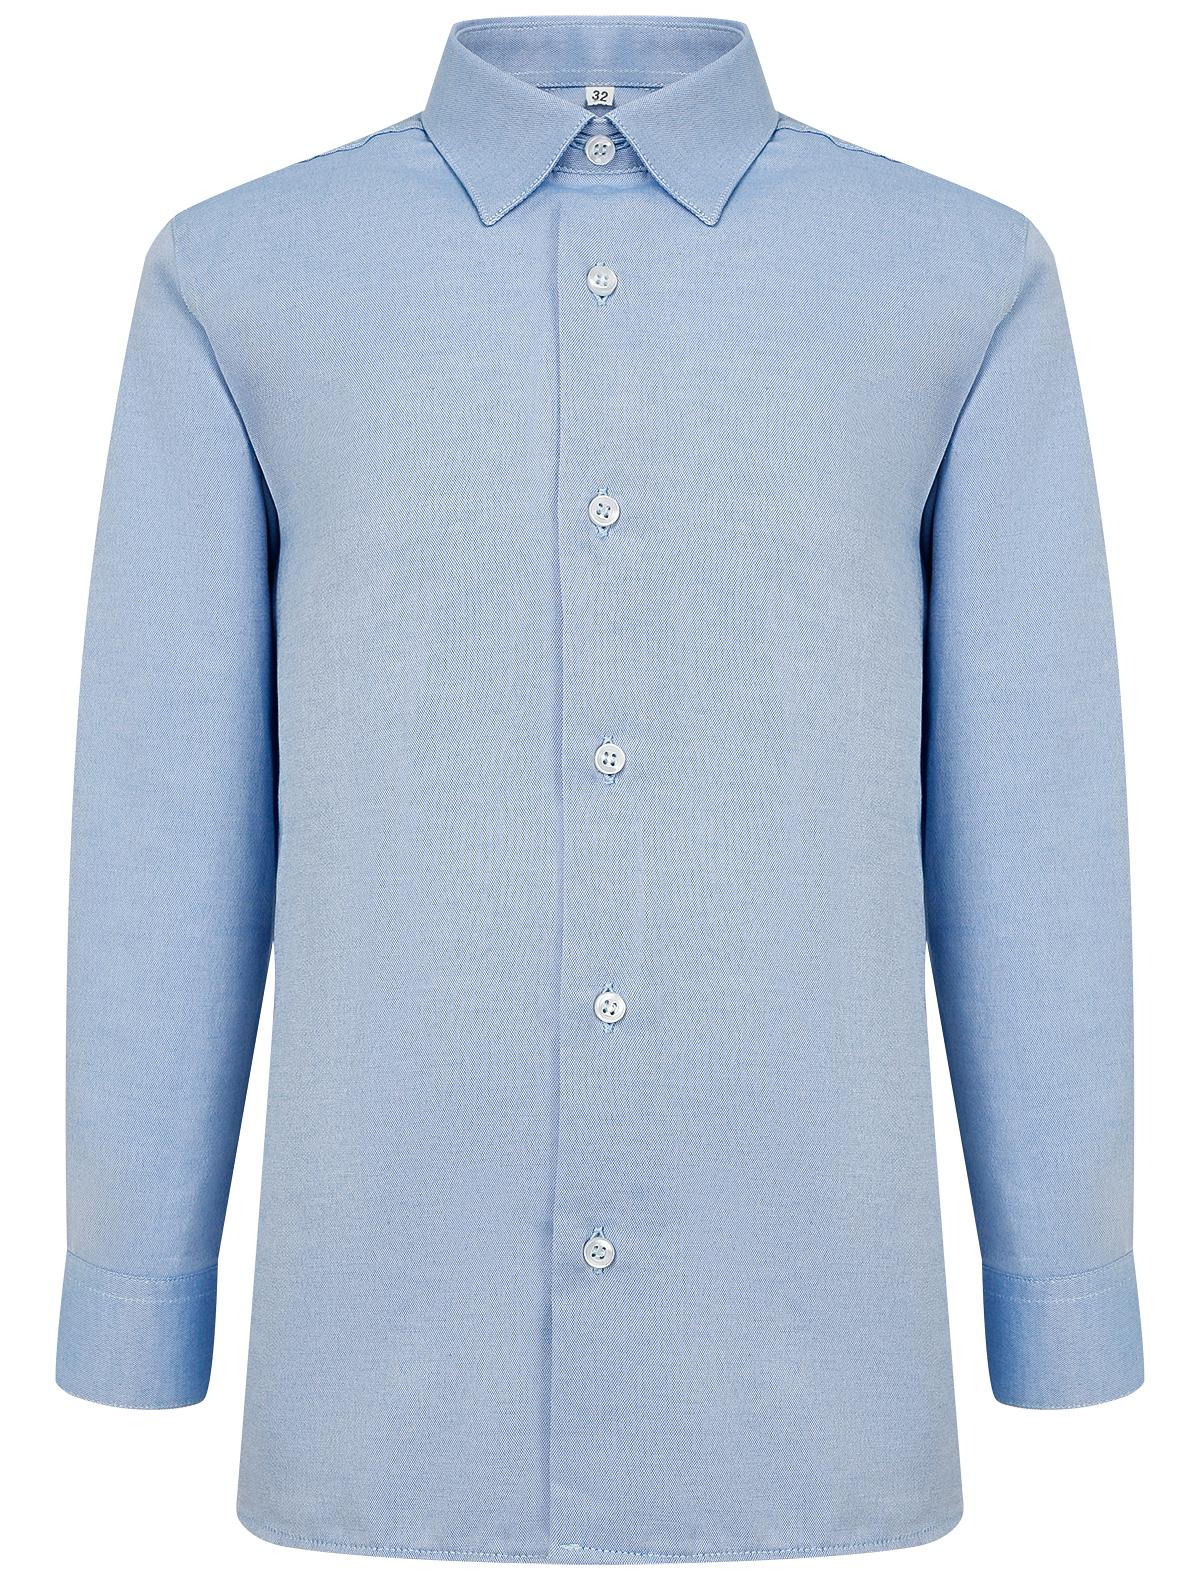 2043557, Рубашка Malip, голубой, Мужской, 1011519980126  - купить со скидкой